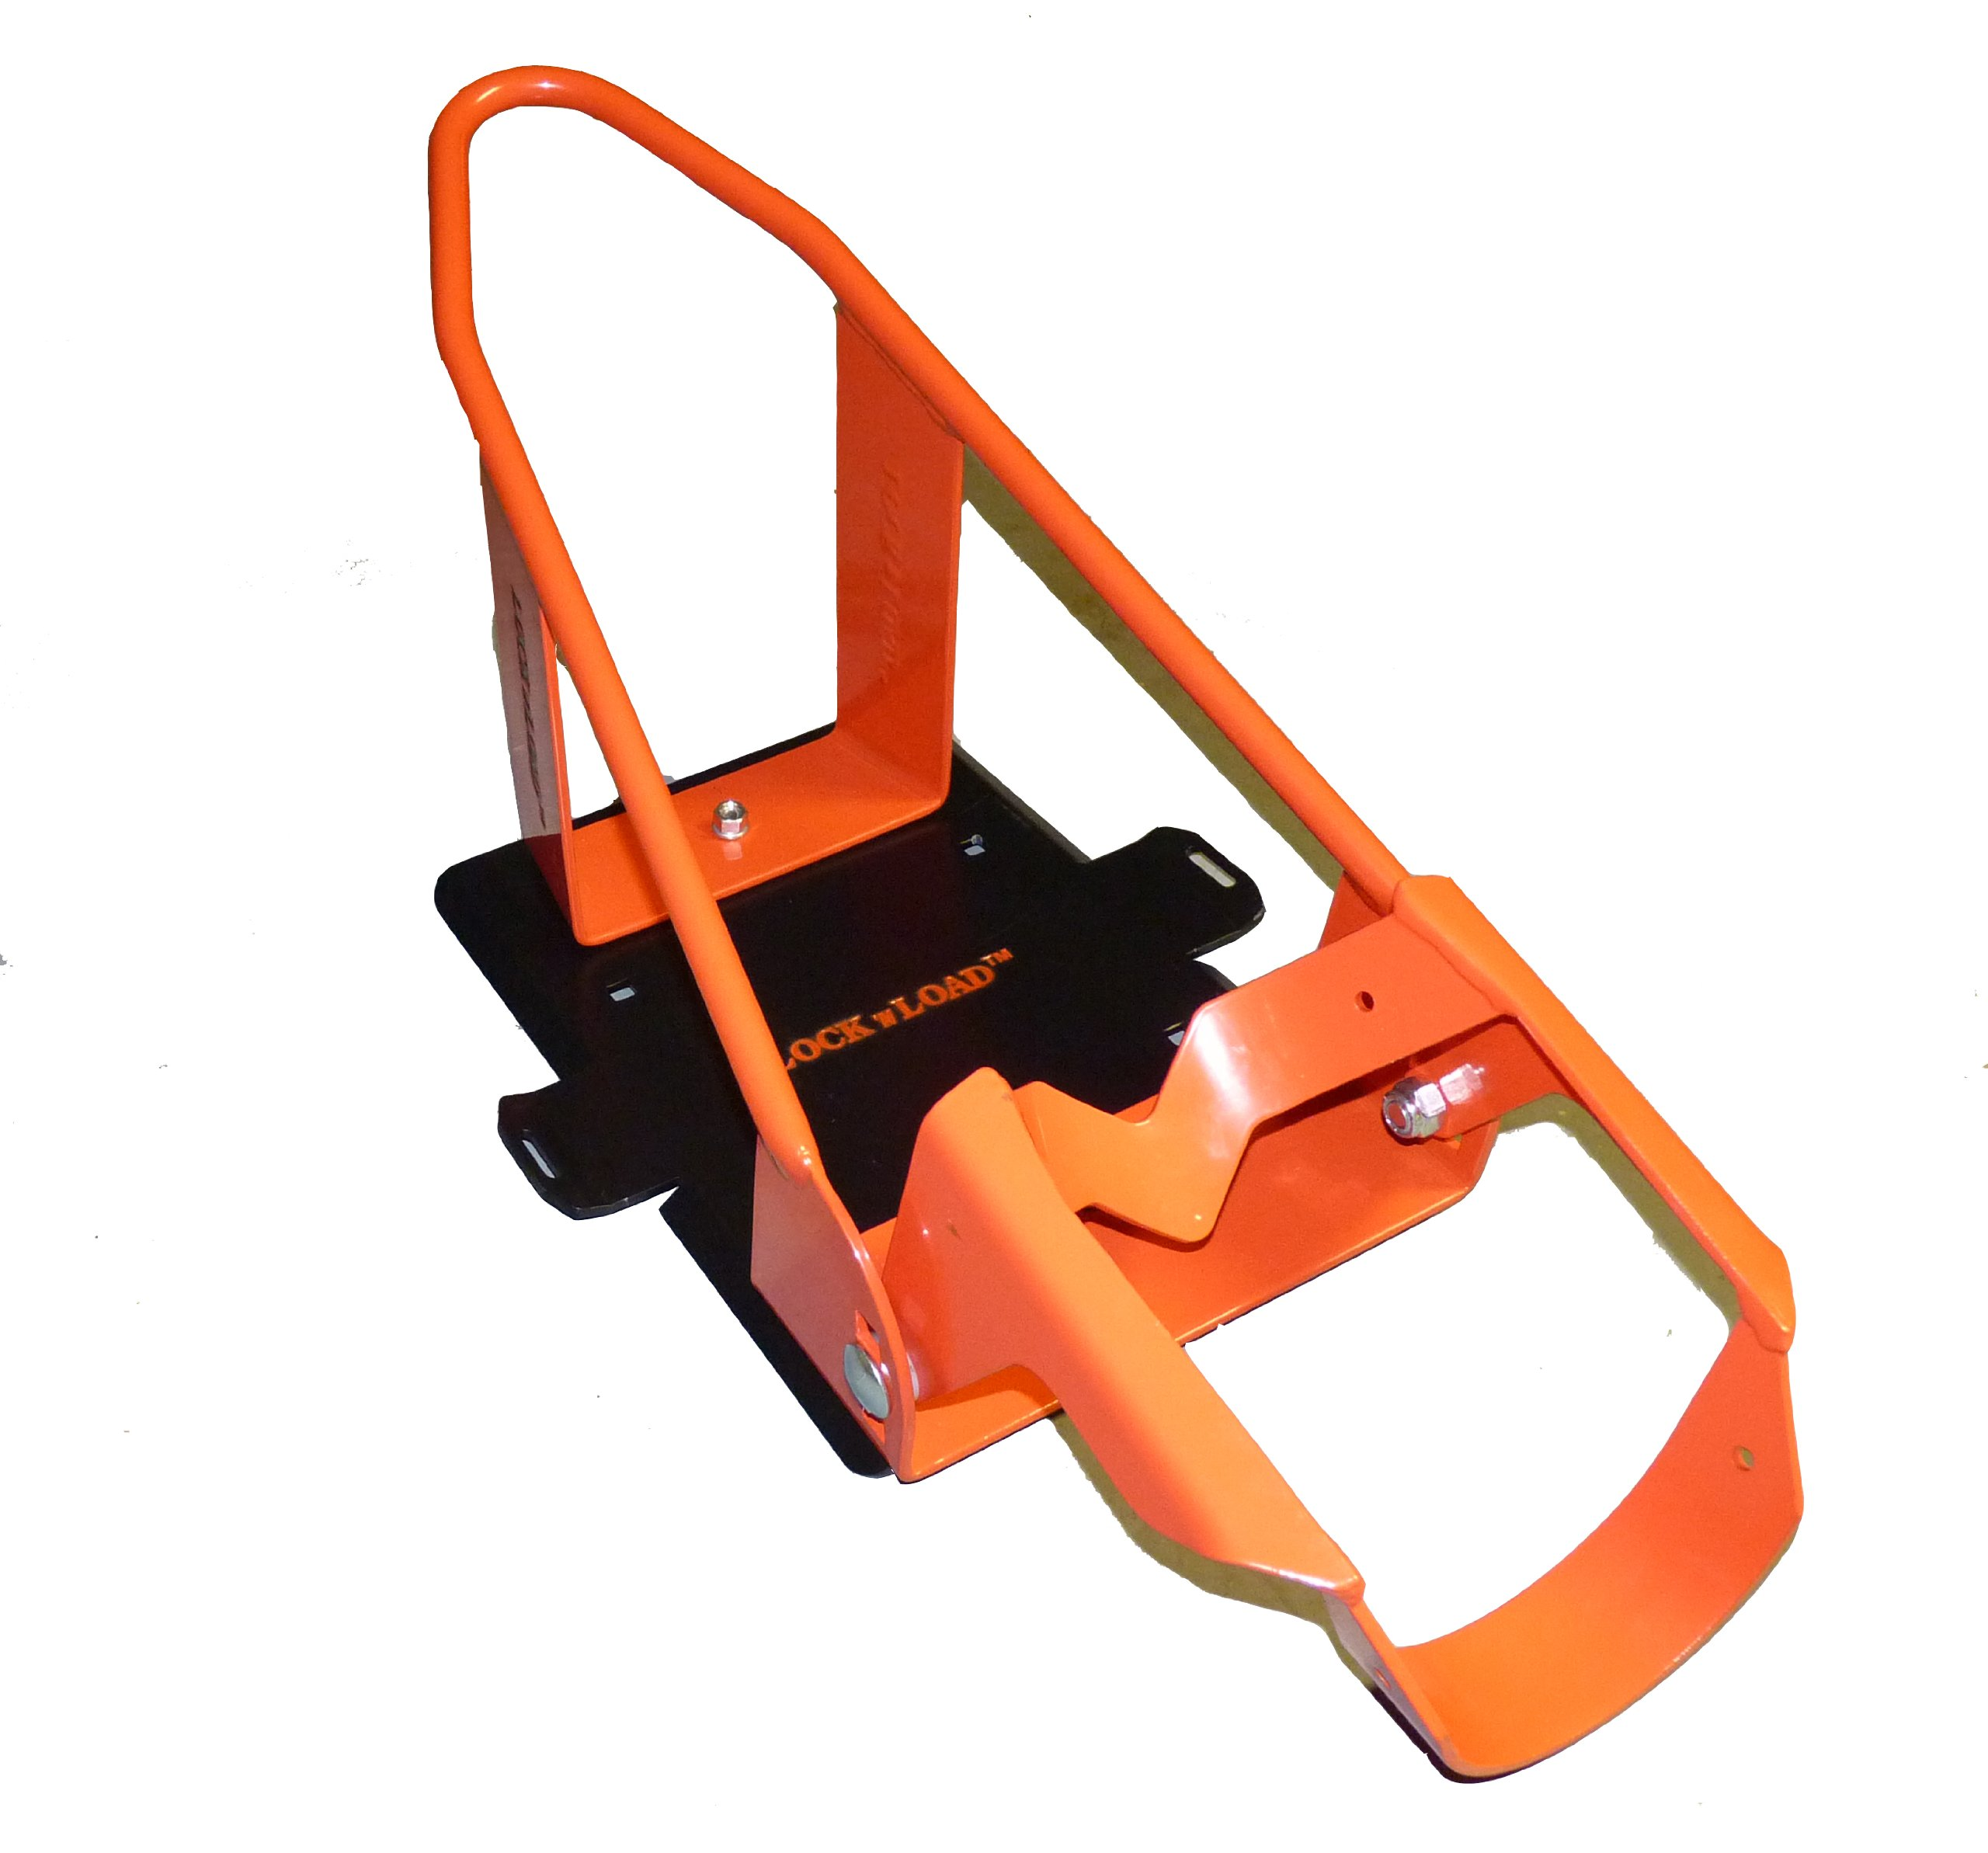 Lock N Load (BK100 Orange/Black Deluxe Motorcycle Wheel Chock by Lock N Load